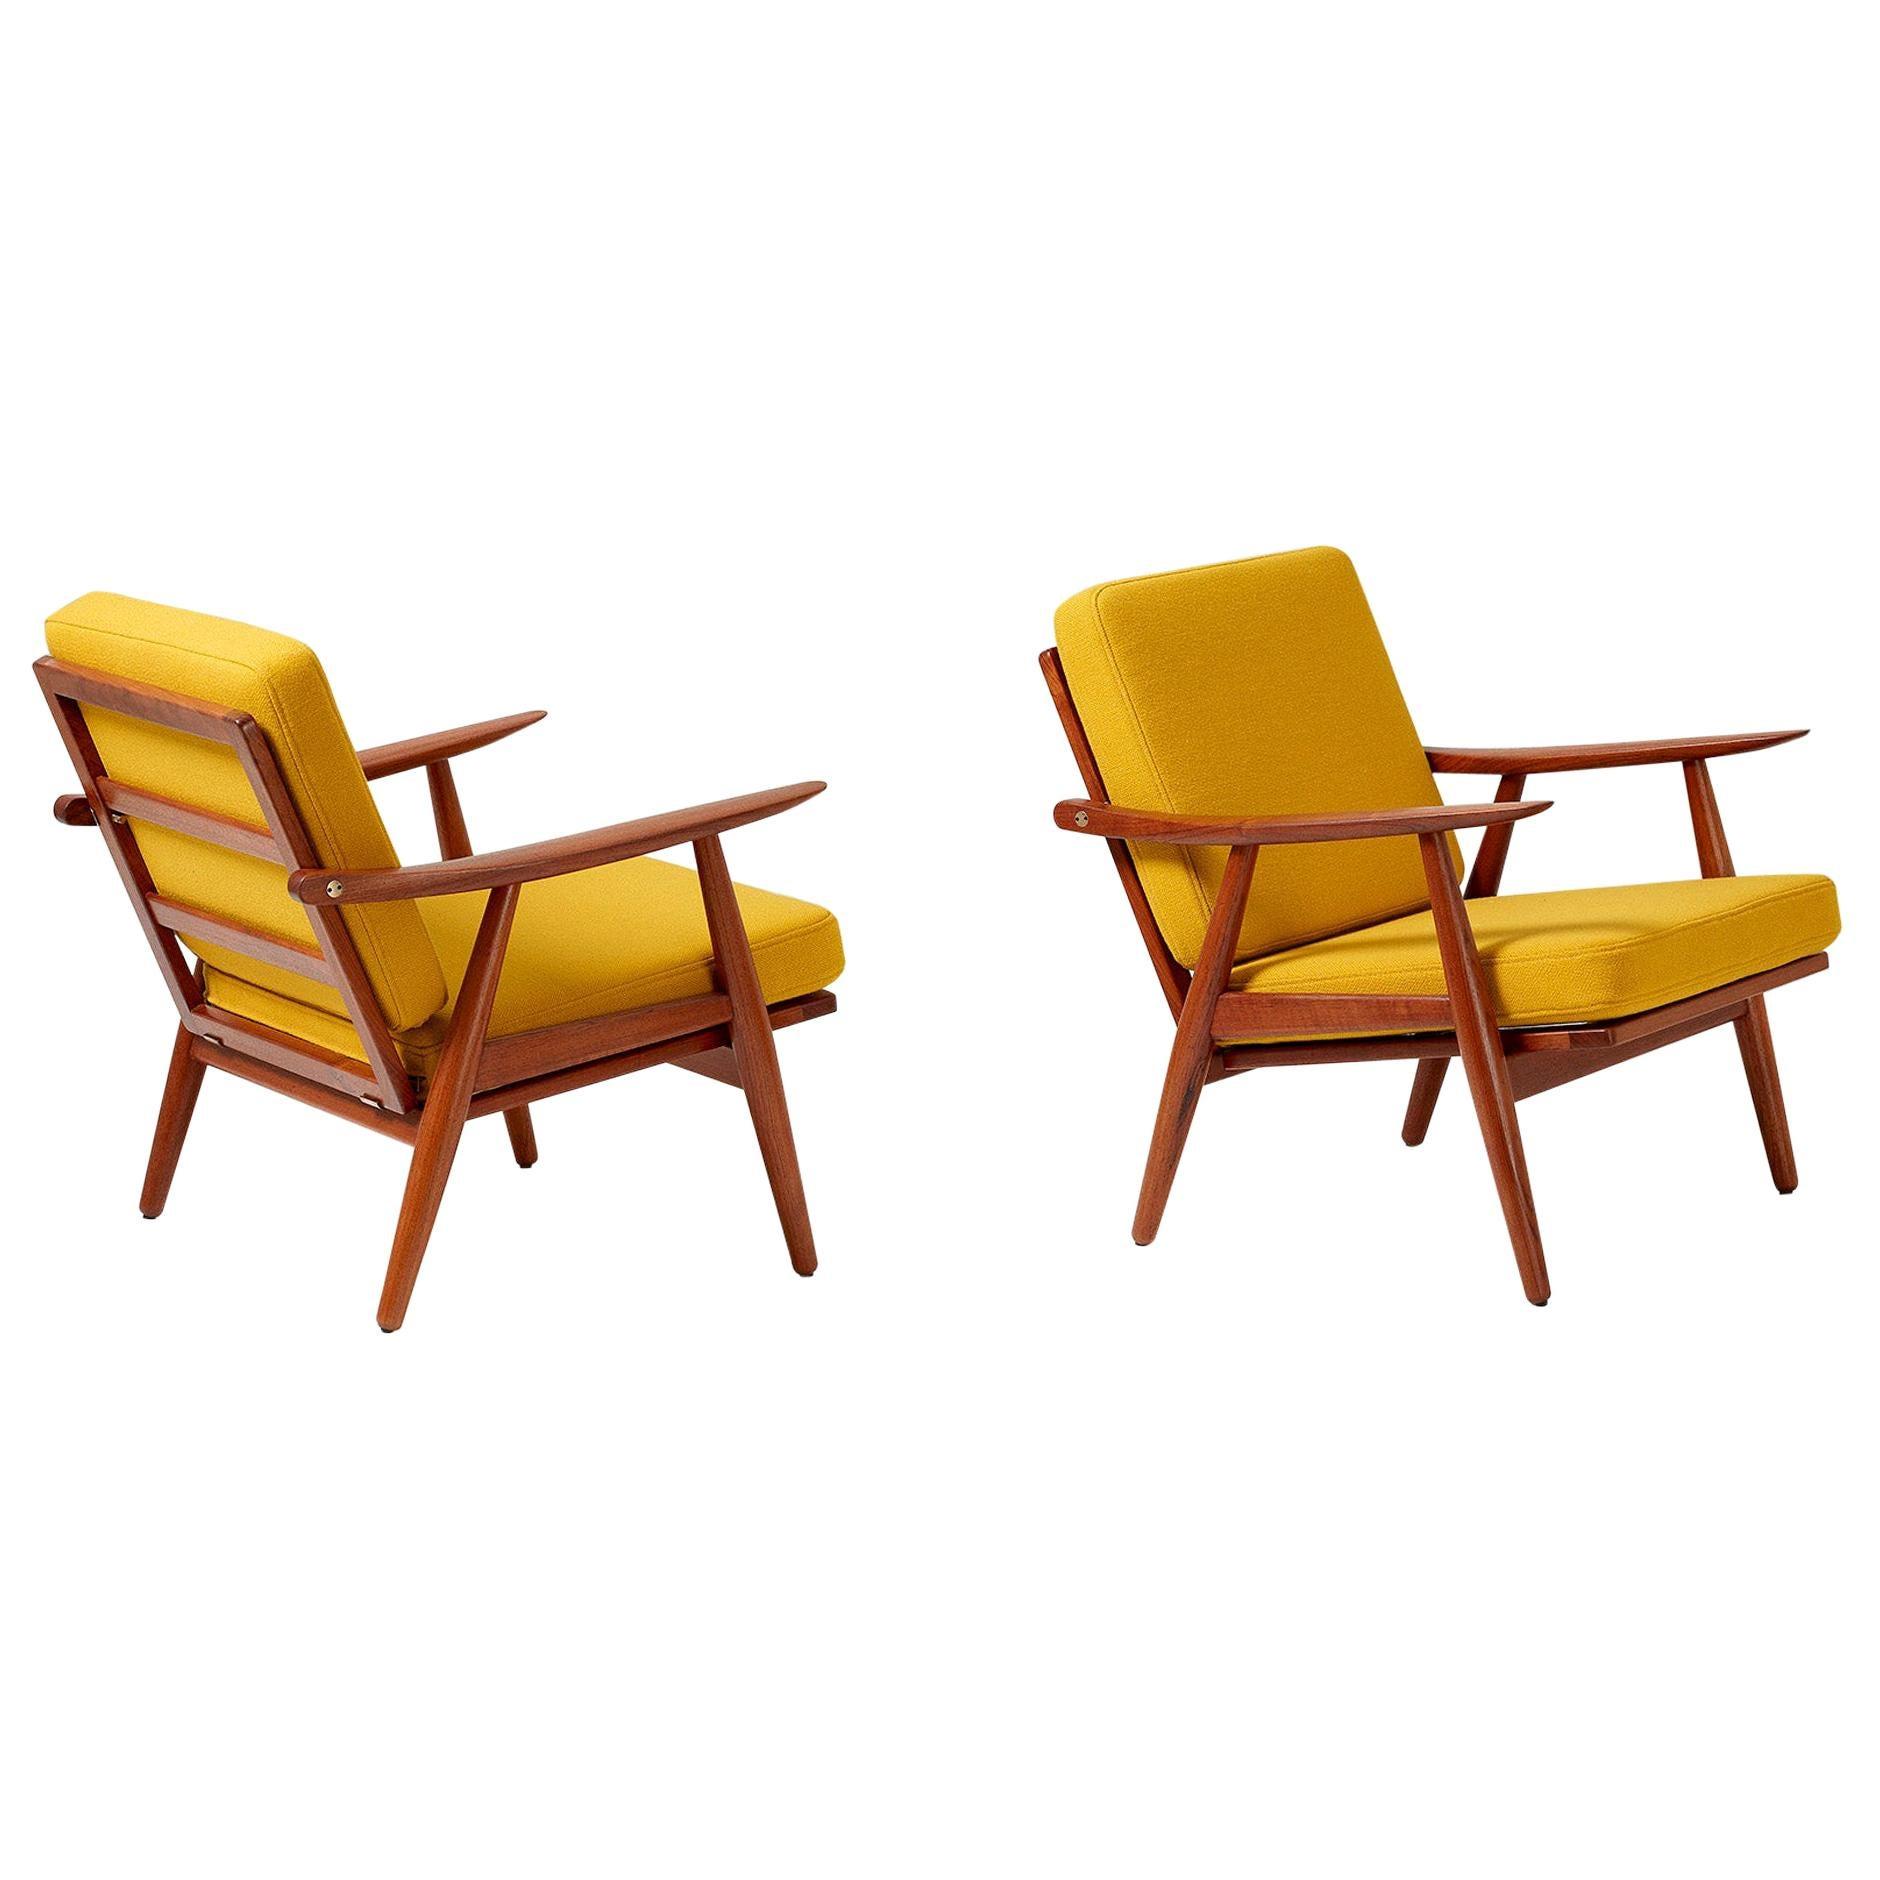 Hans Wegner GE-270 Pair of Lounge Chairs, Teak